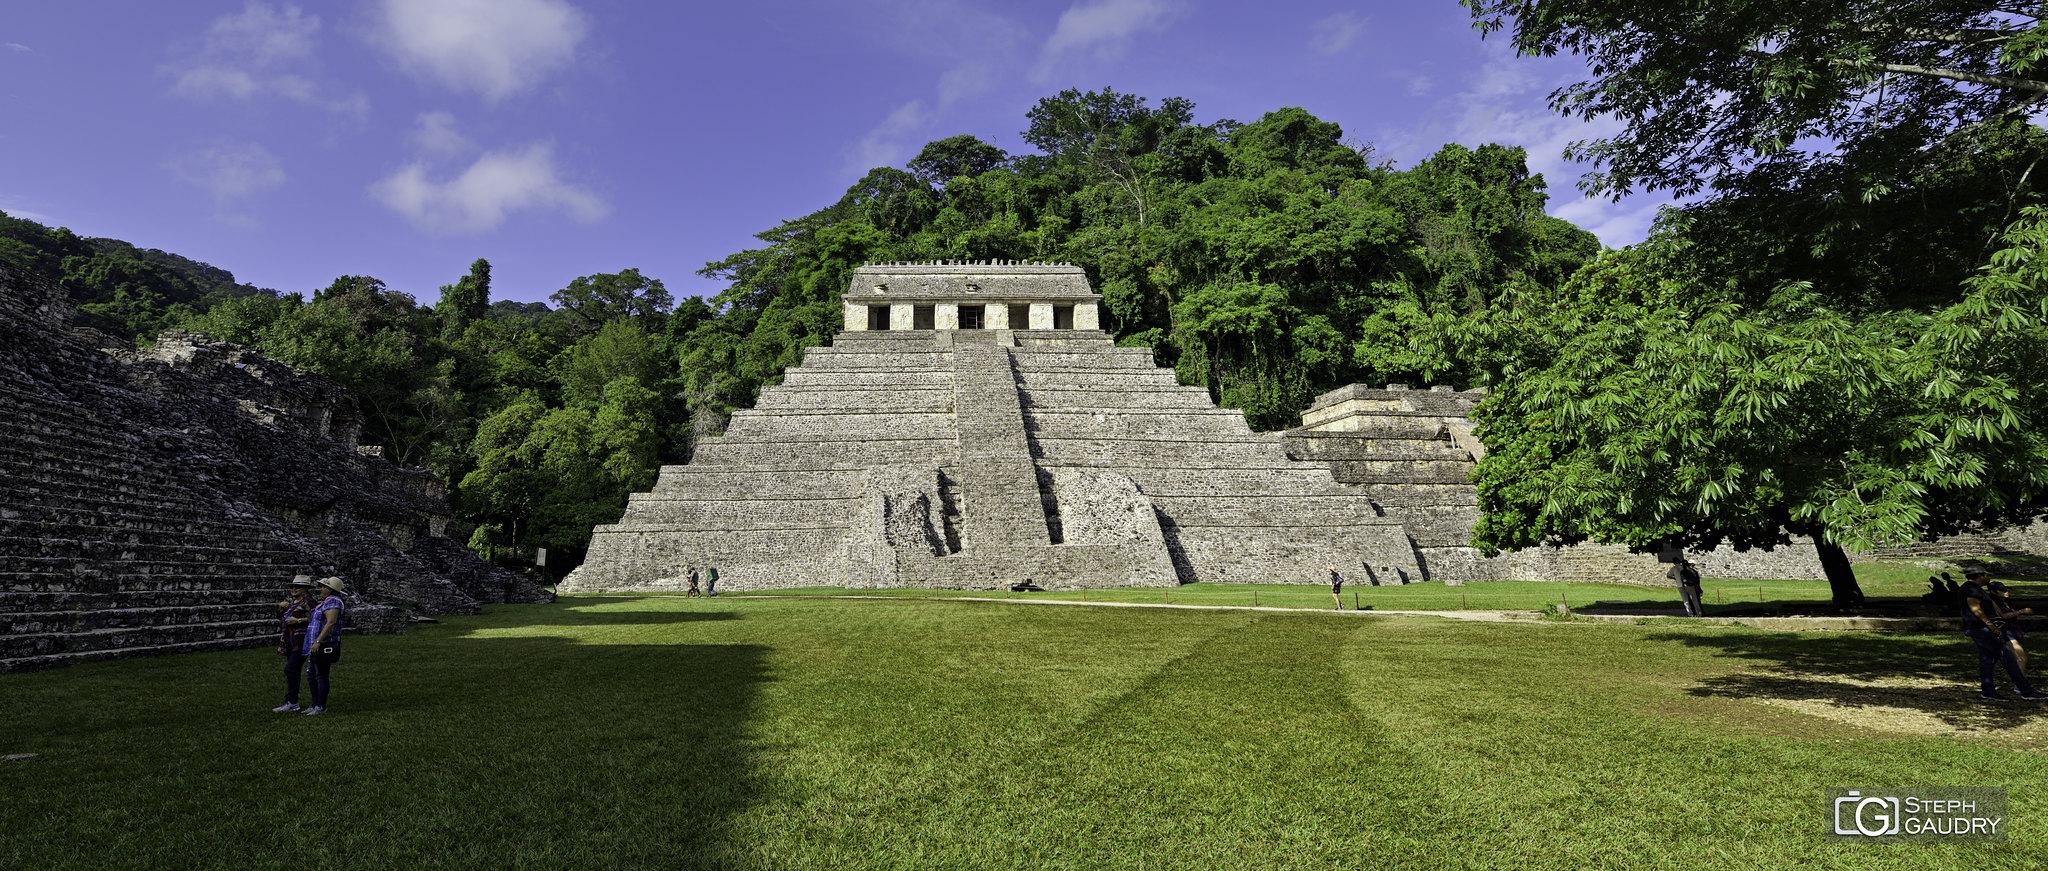 Palenque - Le Temple des Inscriptions [Click to start slideshow]